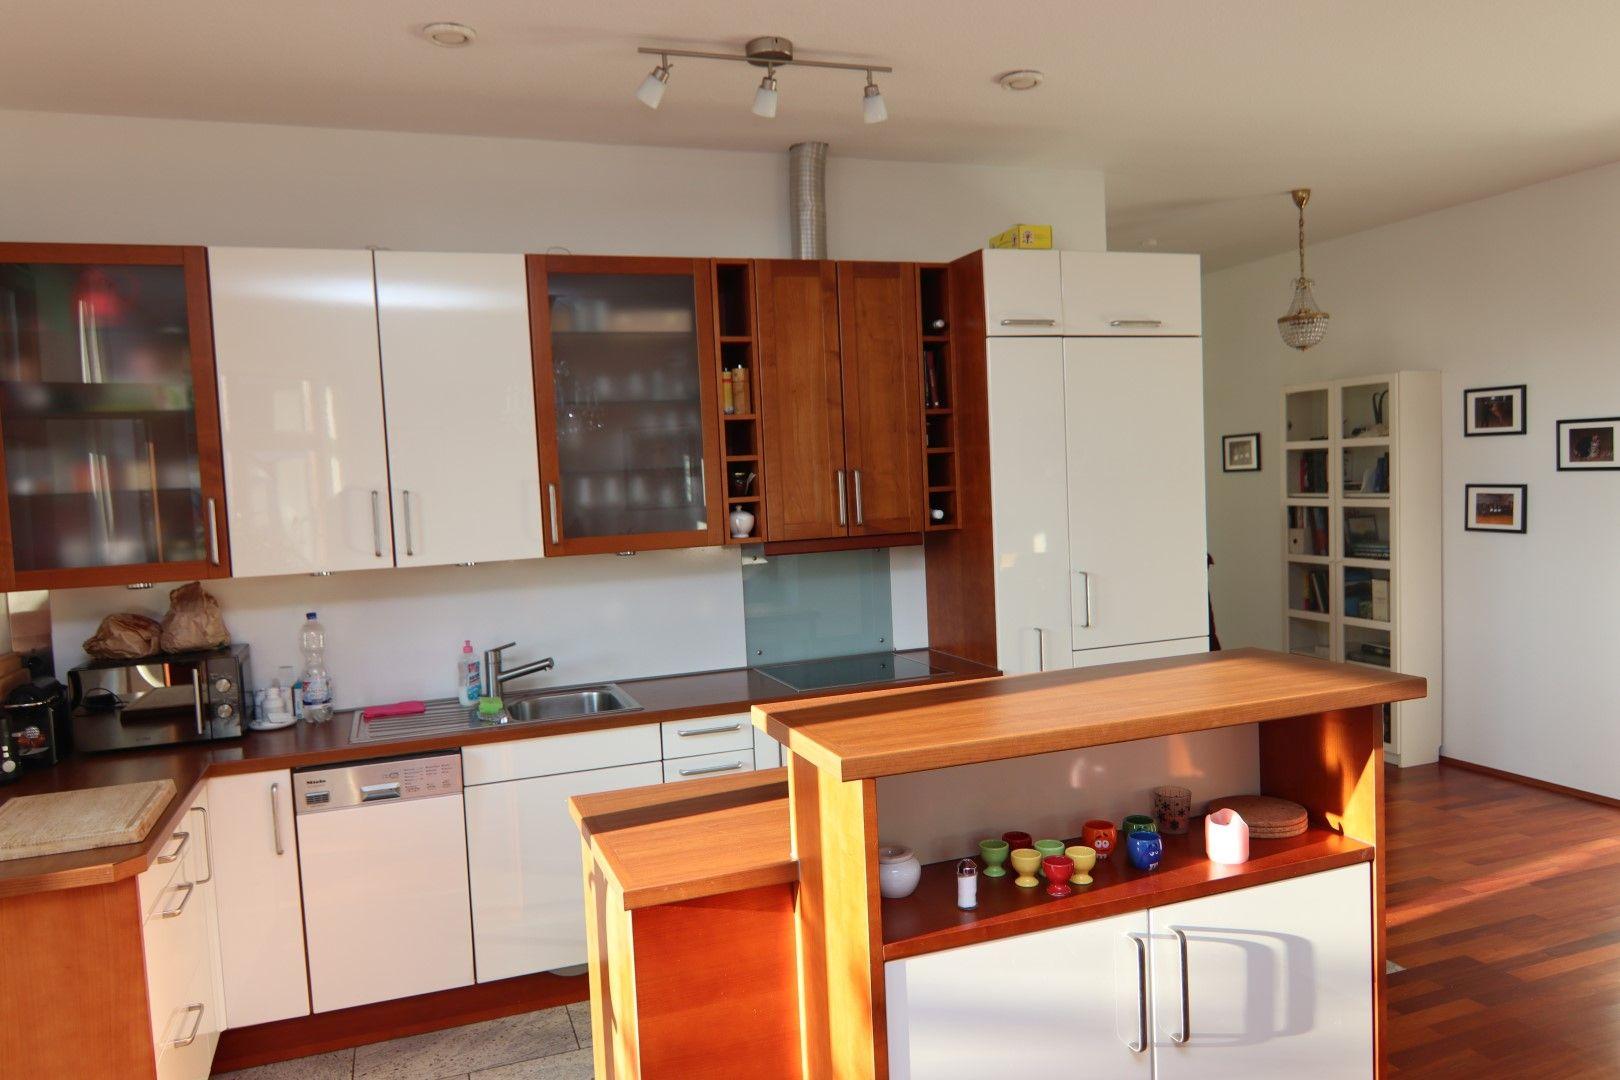 Immobilie Nr.0275 - 4-Raum-Deluxe-Wohnung mit Aufzug, Dachterrasse u. Garage - Bild 4.jpg